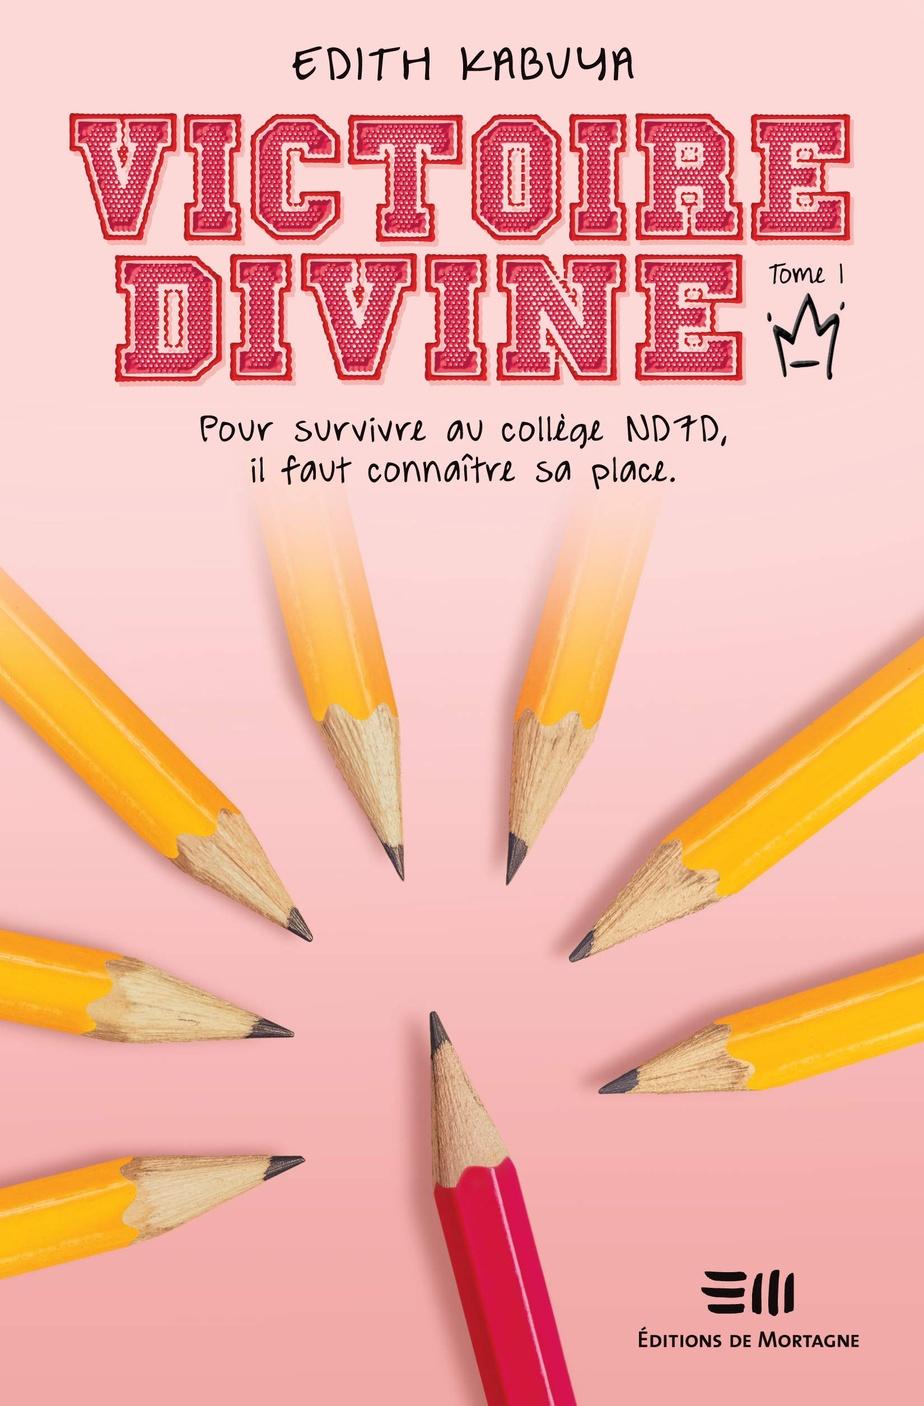 Publiés au Québec aux éditions De Mortagne, les trois tomes de la série Victoire-Divine ont des couvertures neutres, ornées de crayons, de ballons et de poissons.